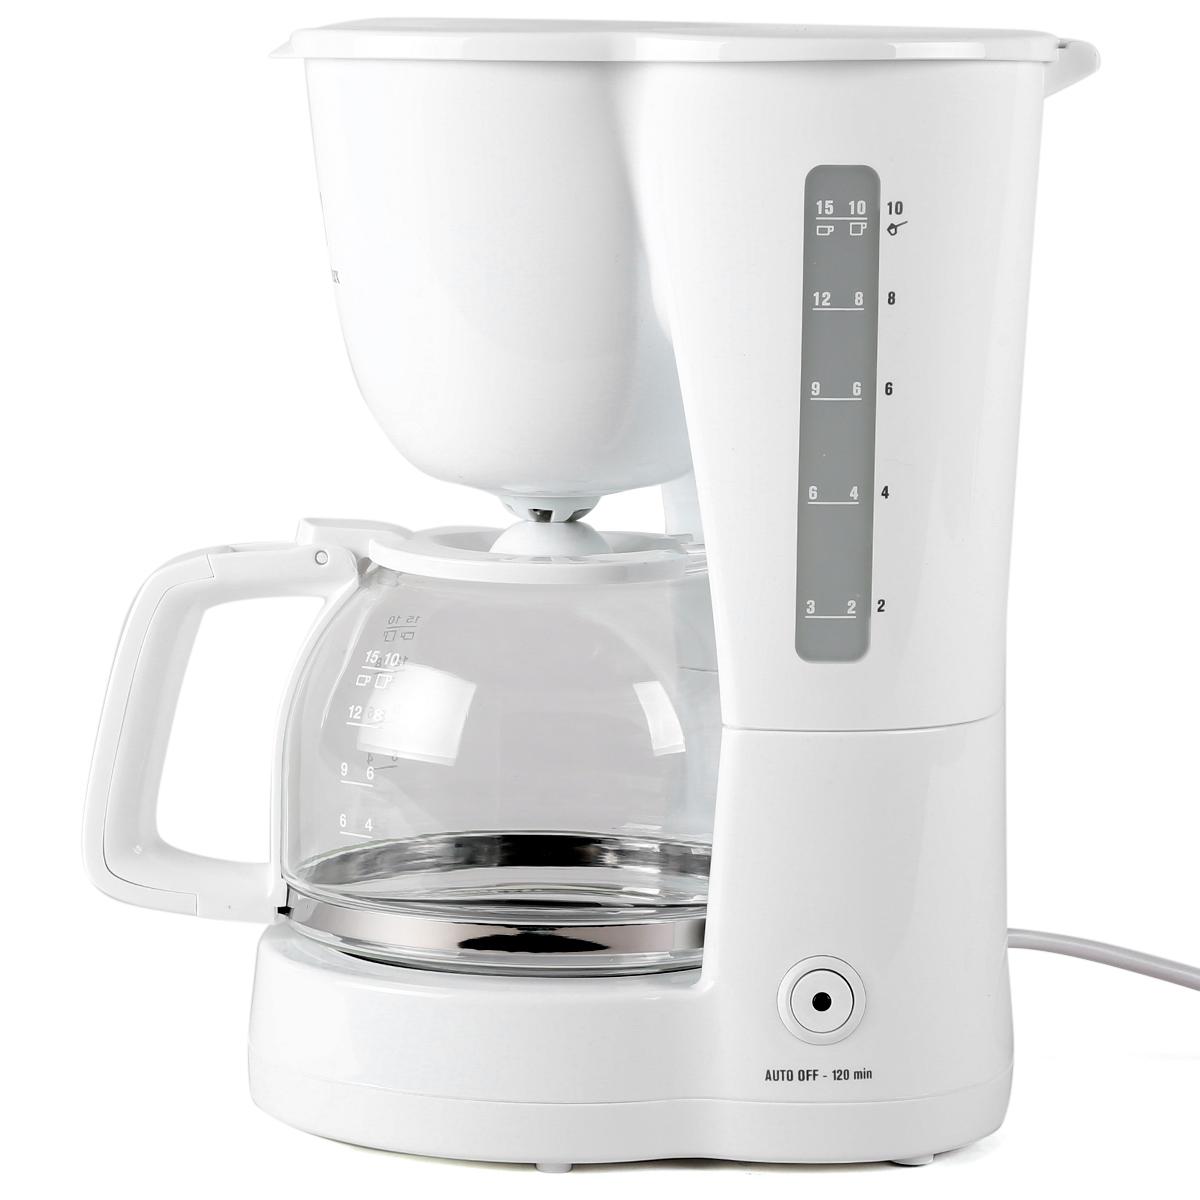 Máy pha cà phê gia đình ecm3130 với công nghệ pha chế hiện đại cũng thiết kế thông minh